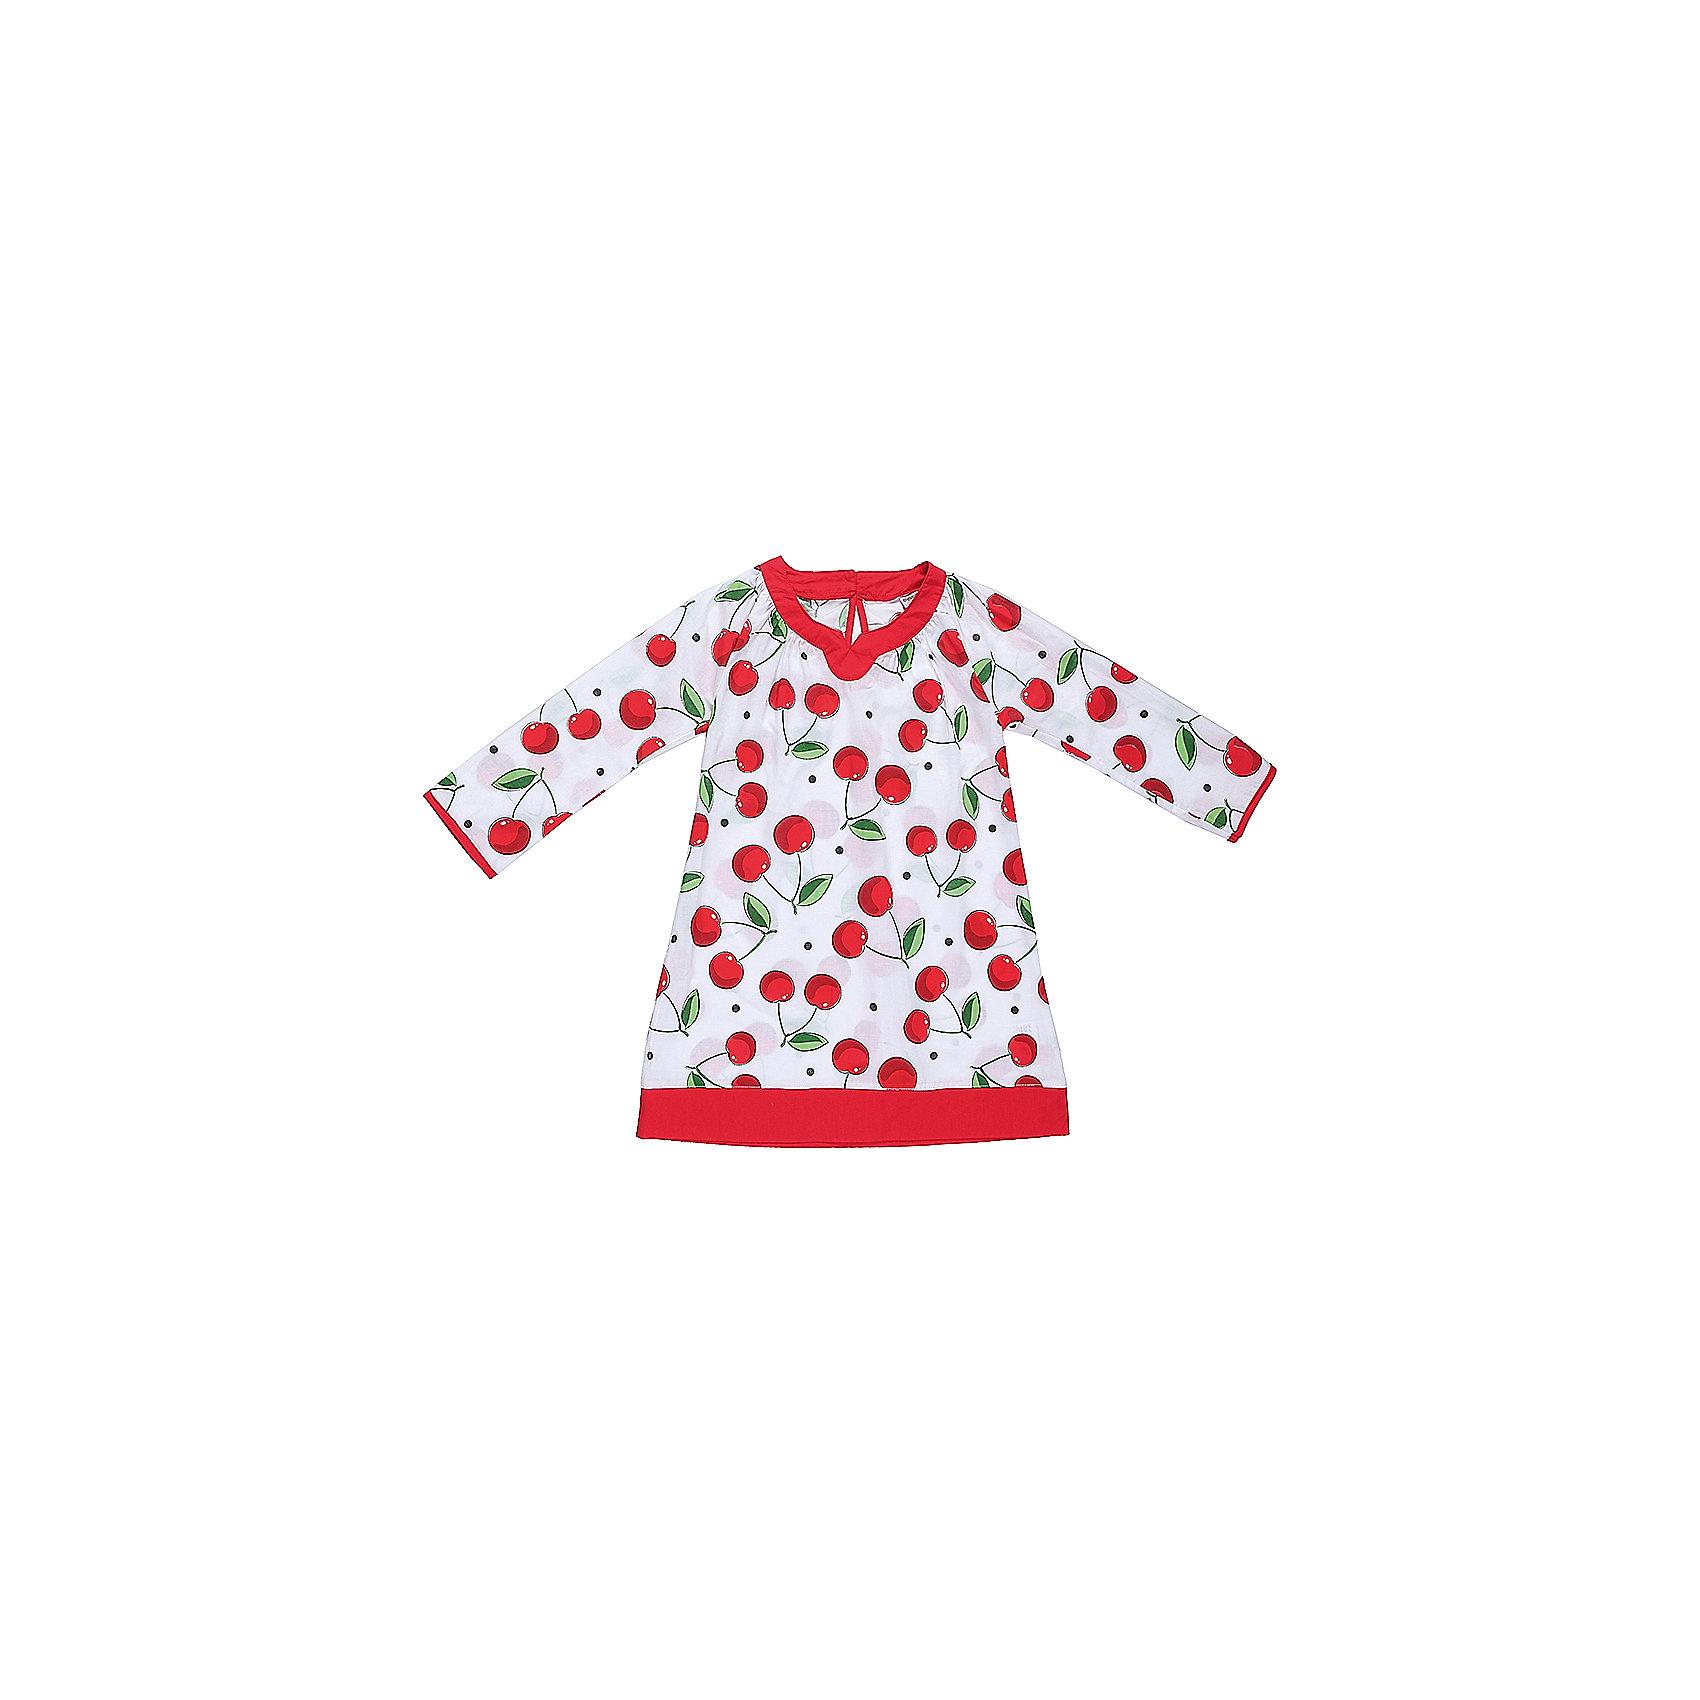 Платье для девочки Sweet BerryХлопковое платье-туника для жаркого лета из принтованной ткани.  Декорированно контрастной отделкой горловины и низа изделия.<br>Состав:<br>100% хлопок<br><br>Ширина мм: 236<br>Глубина мм: 16<br>Высота мм: 184<br>Вес г: 177<br>Цвет: разноцветный<br>Возраст от месяцев: 36<br>Возраст до месяцев: 48<br>Пол: Женский<br>Возраст: Детский<br>Размер: 104,110,116,128,140<br>SKU: 5409921